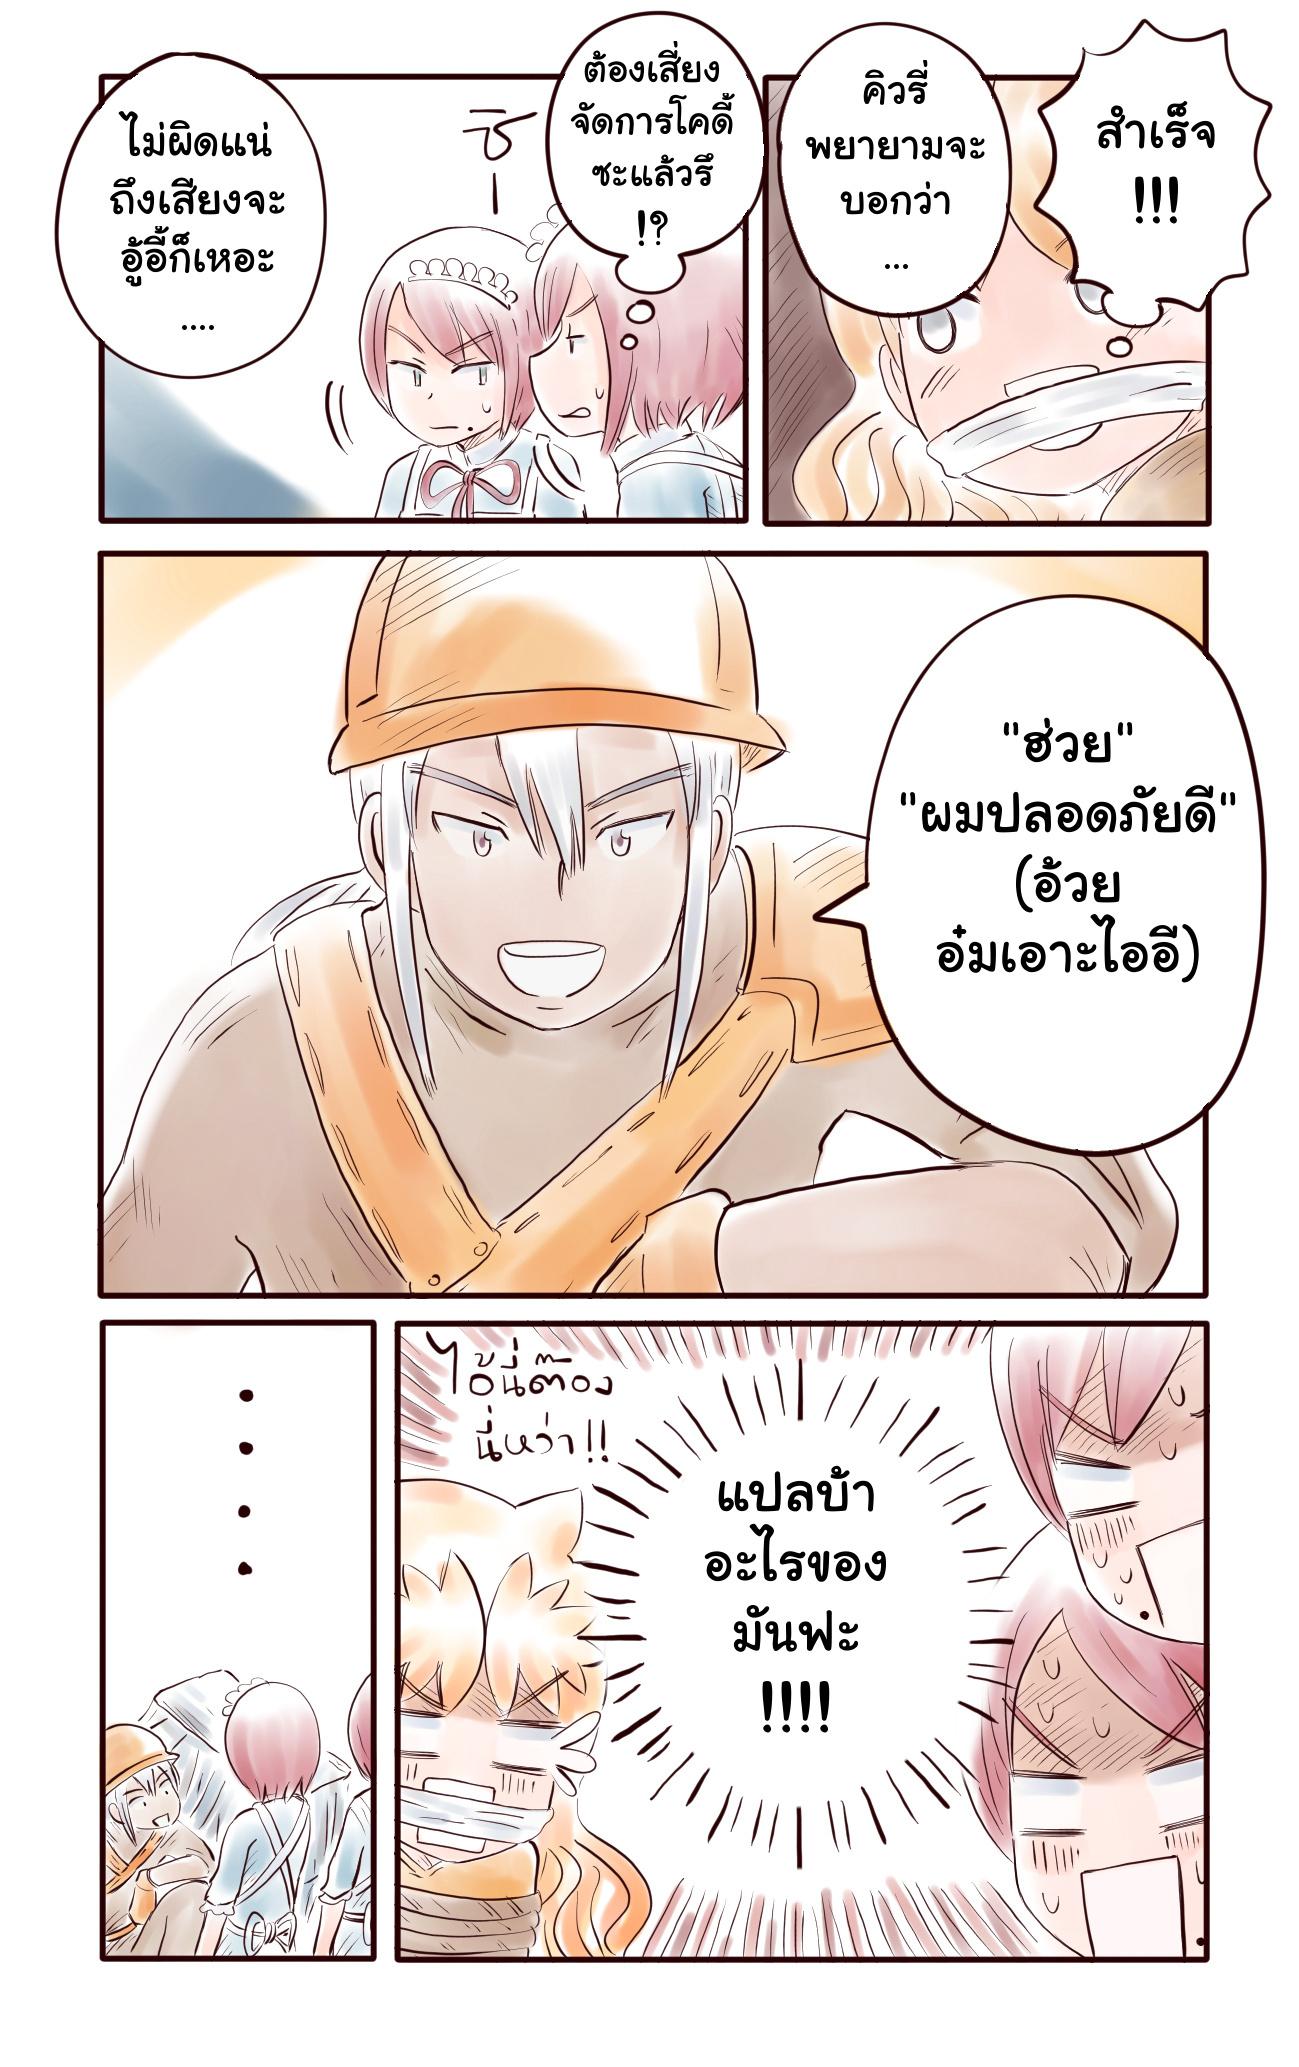 8] - Escape?